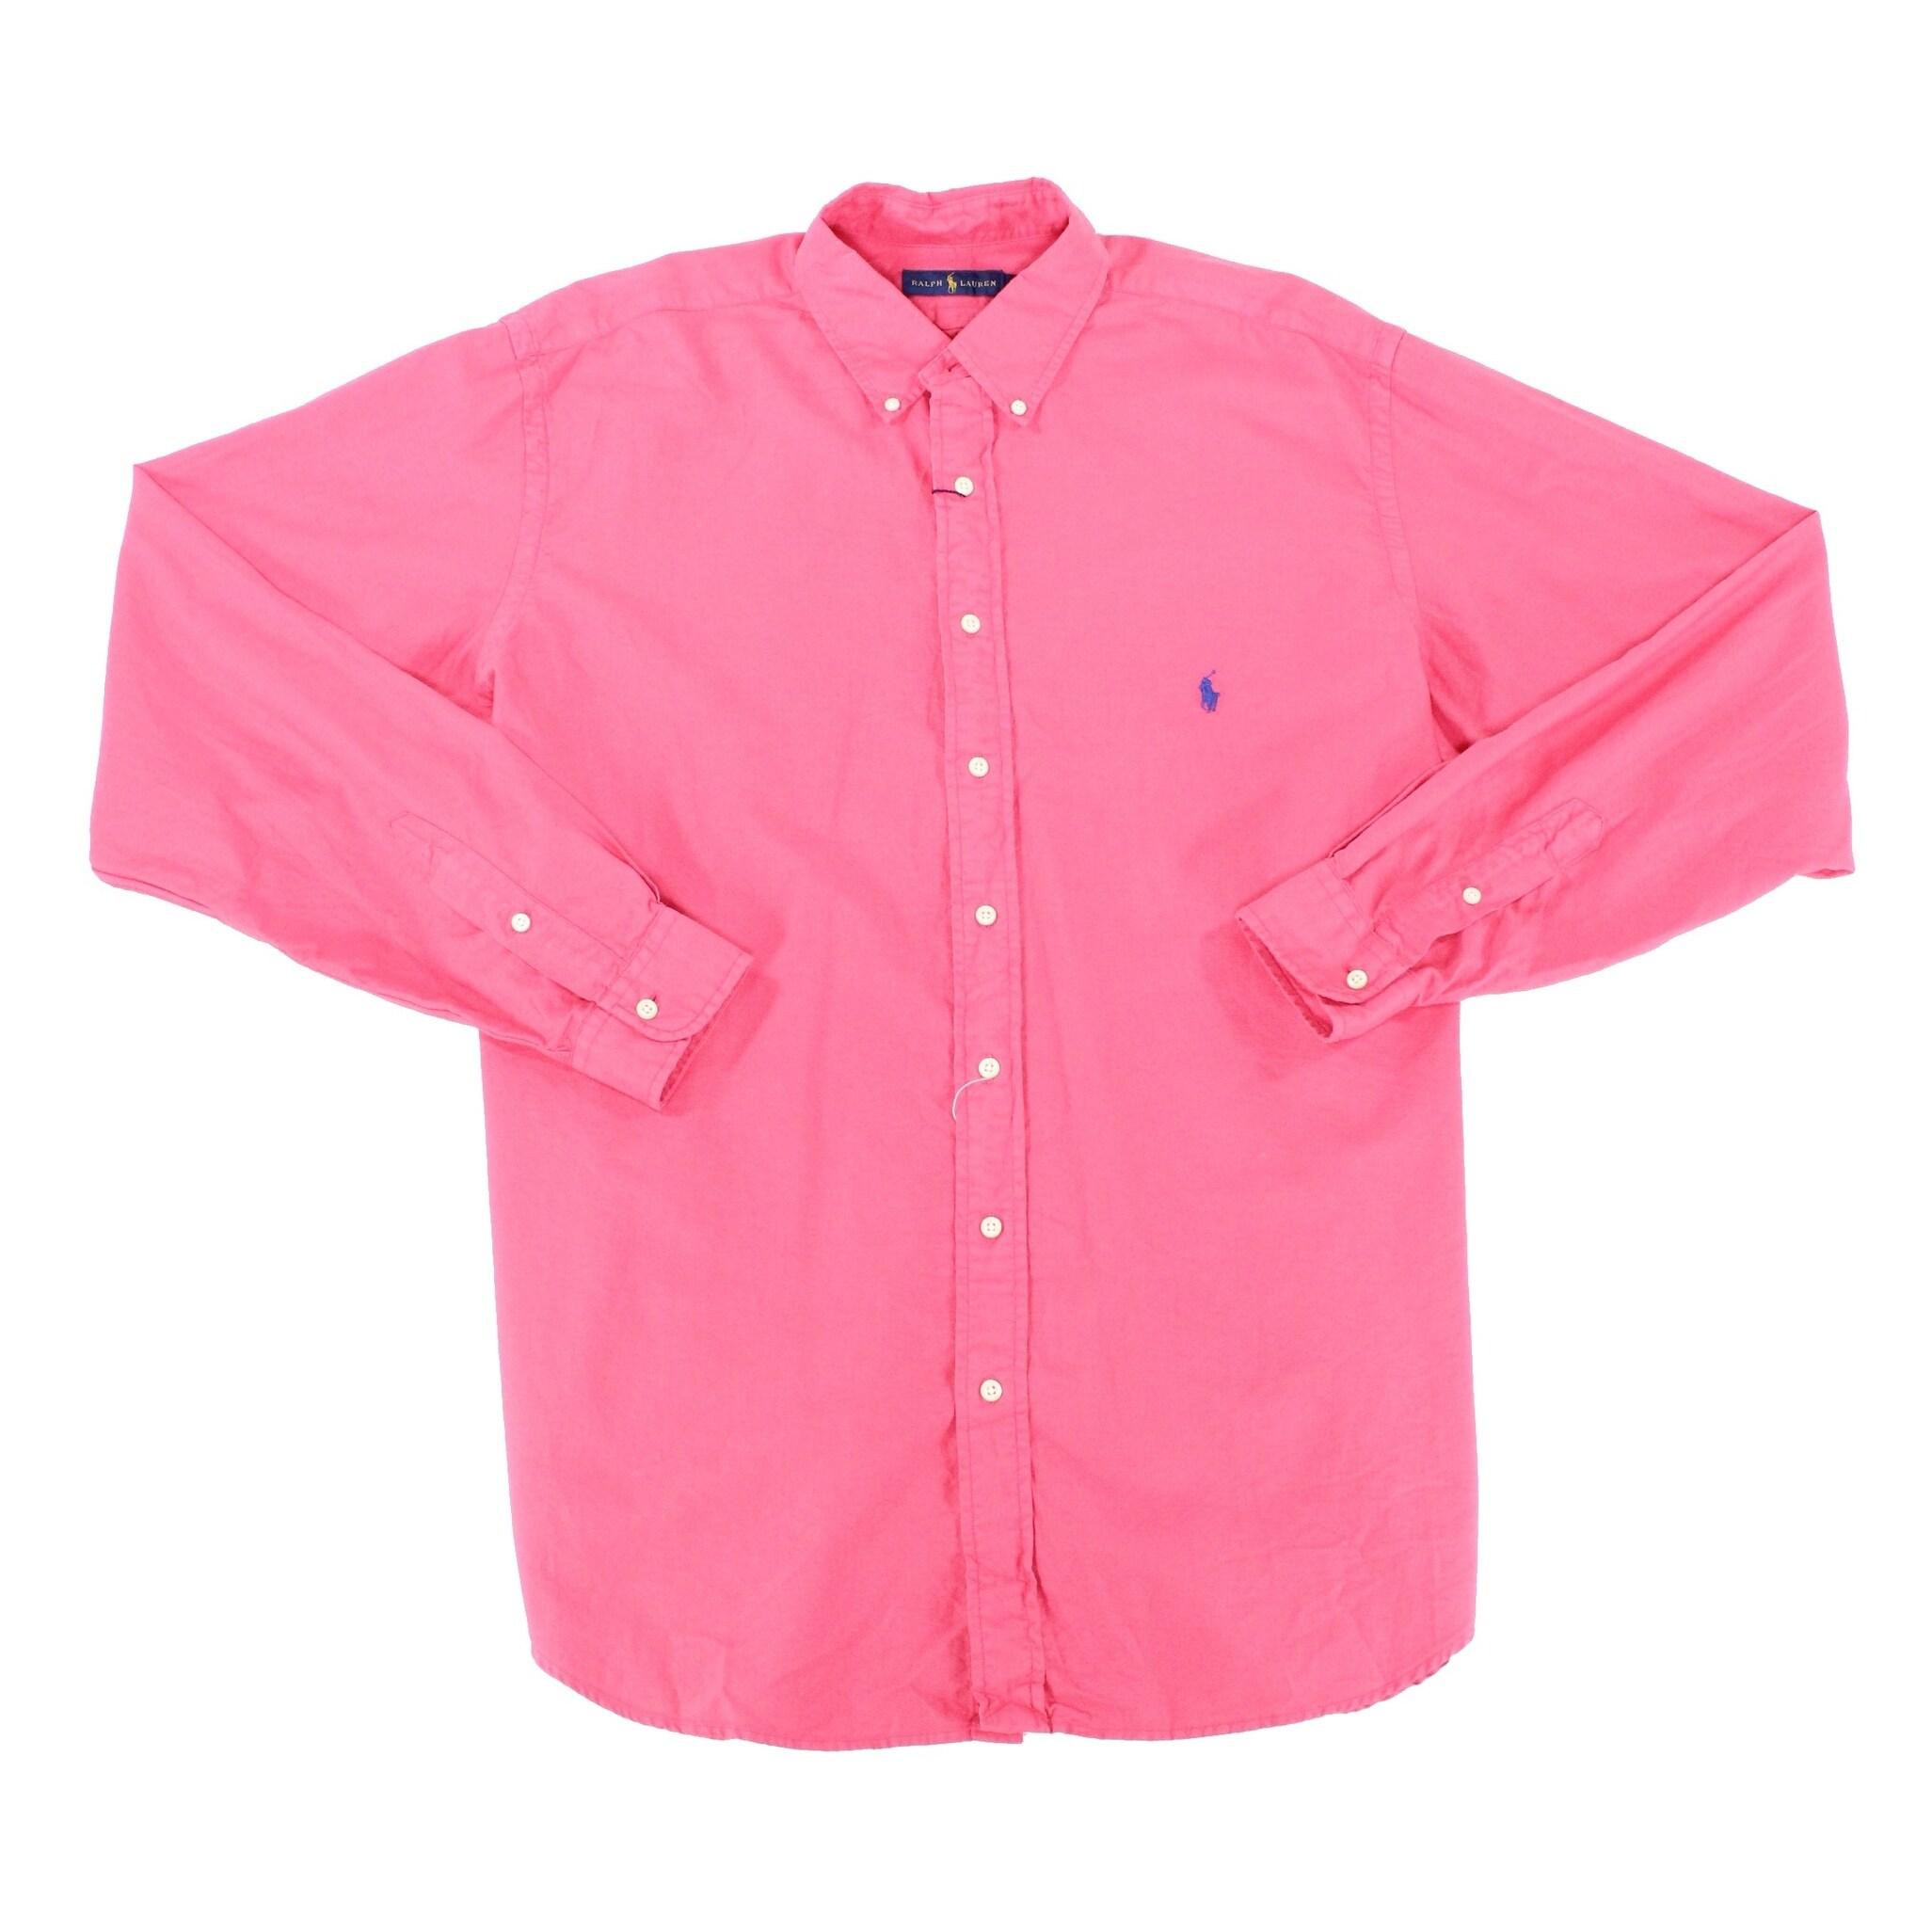 9cf2791d Polo Ralph Lauren NEW Tropic Pink Mens Size XLT Button Down Shirt